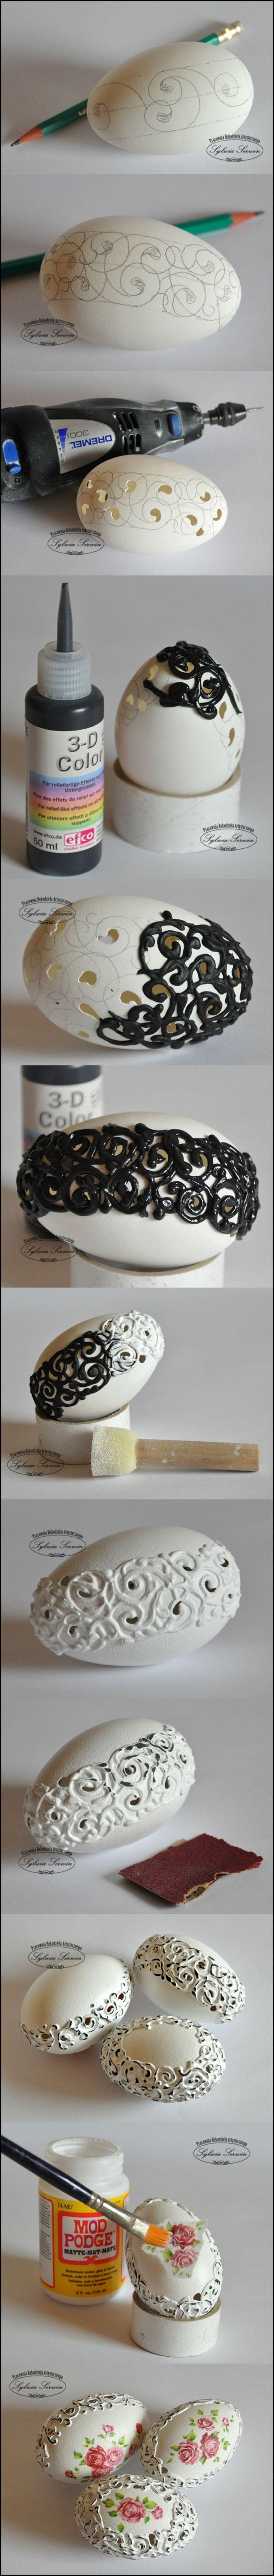 dekorativa påskägg